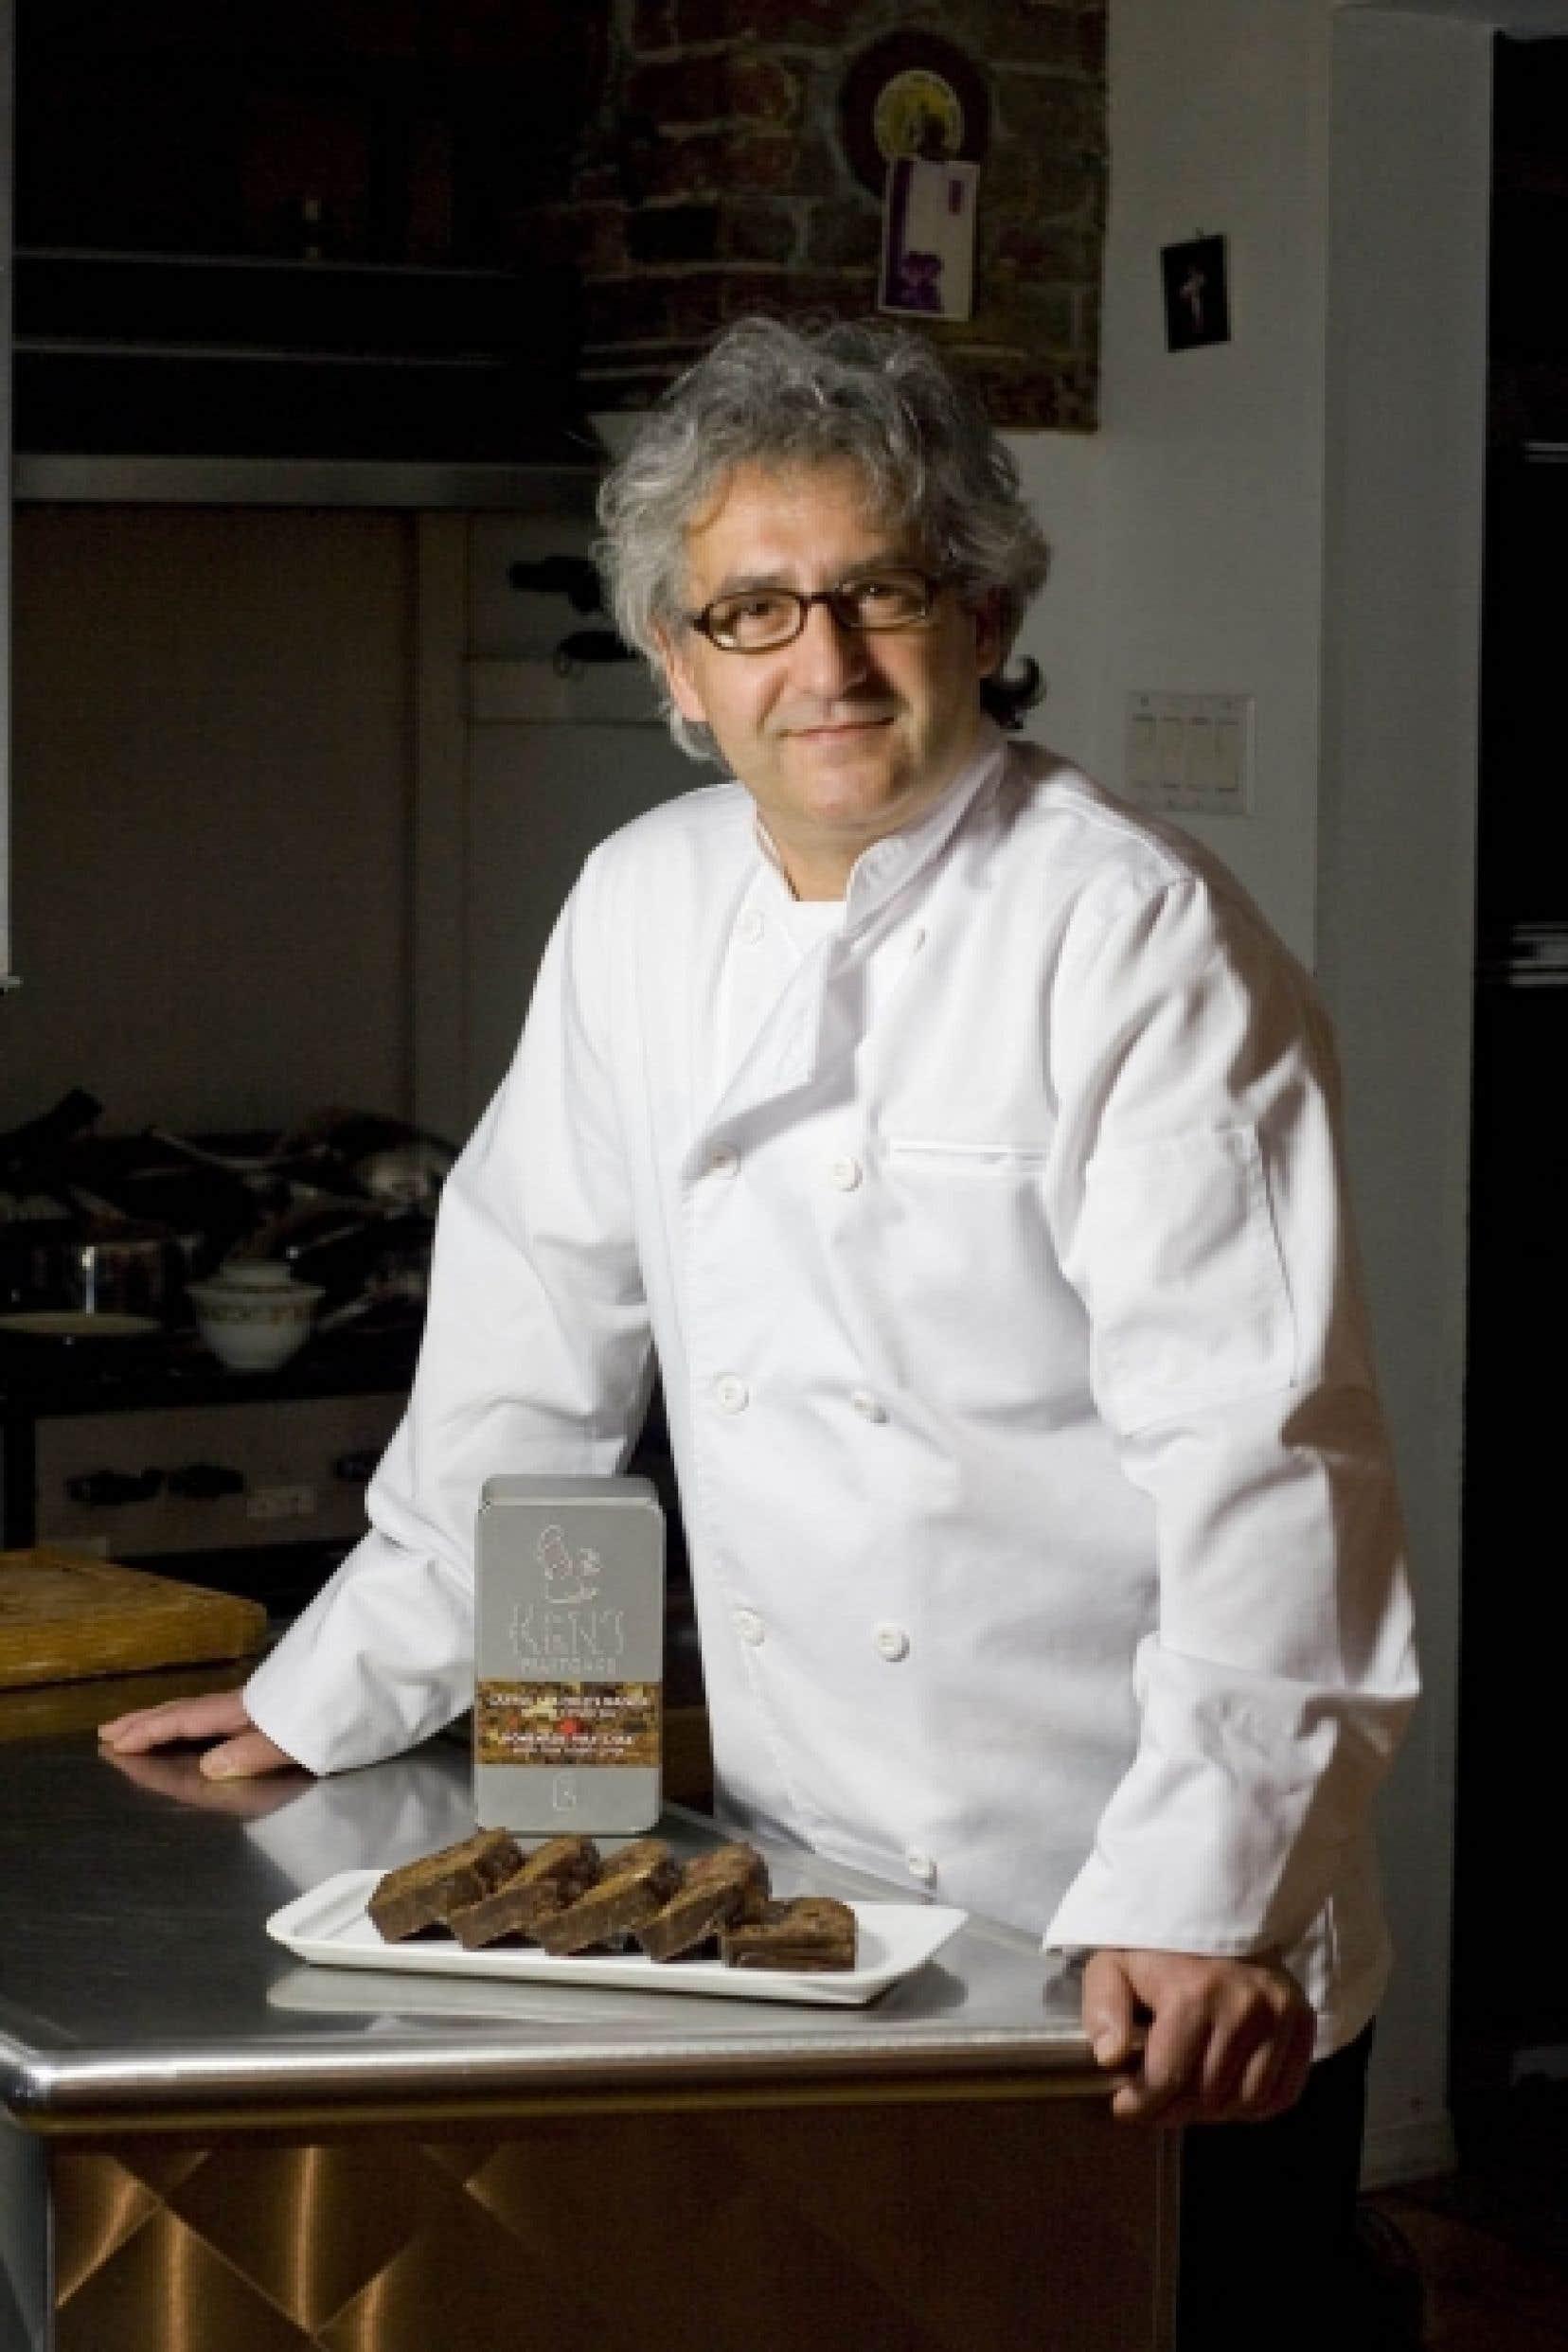 «Il faut les meilleurs produits pour faire le meilleur gâteau», explique Ken Ilasz.